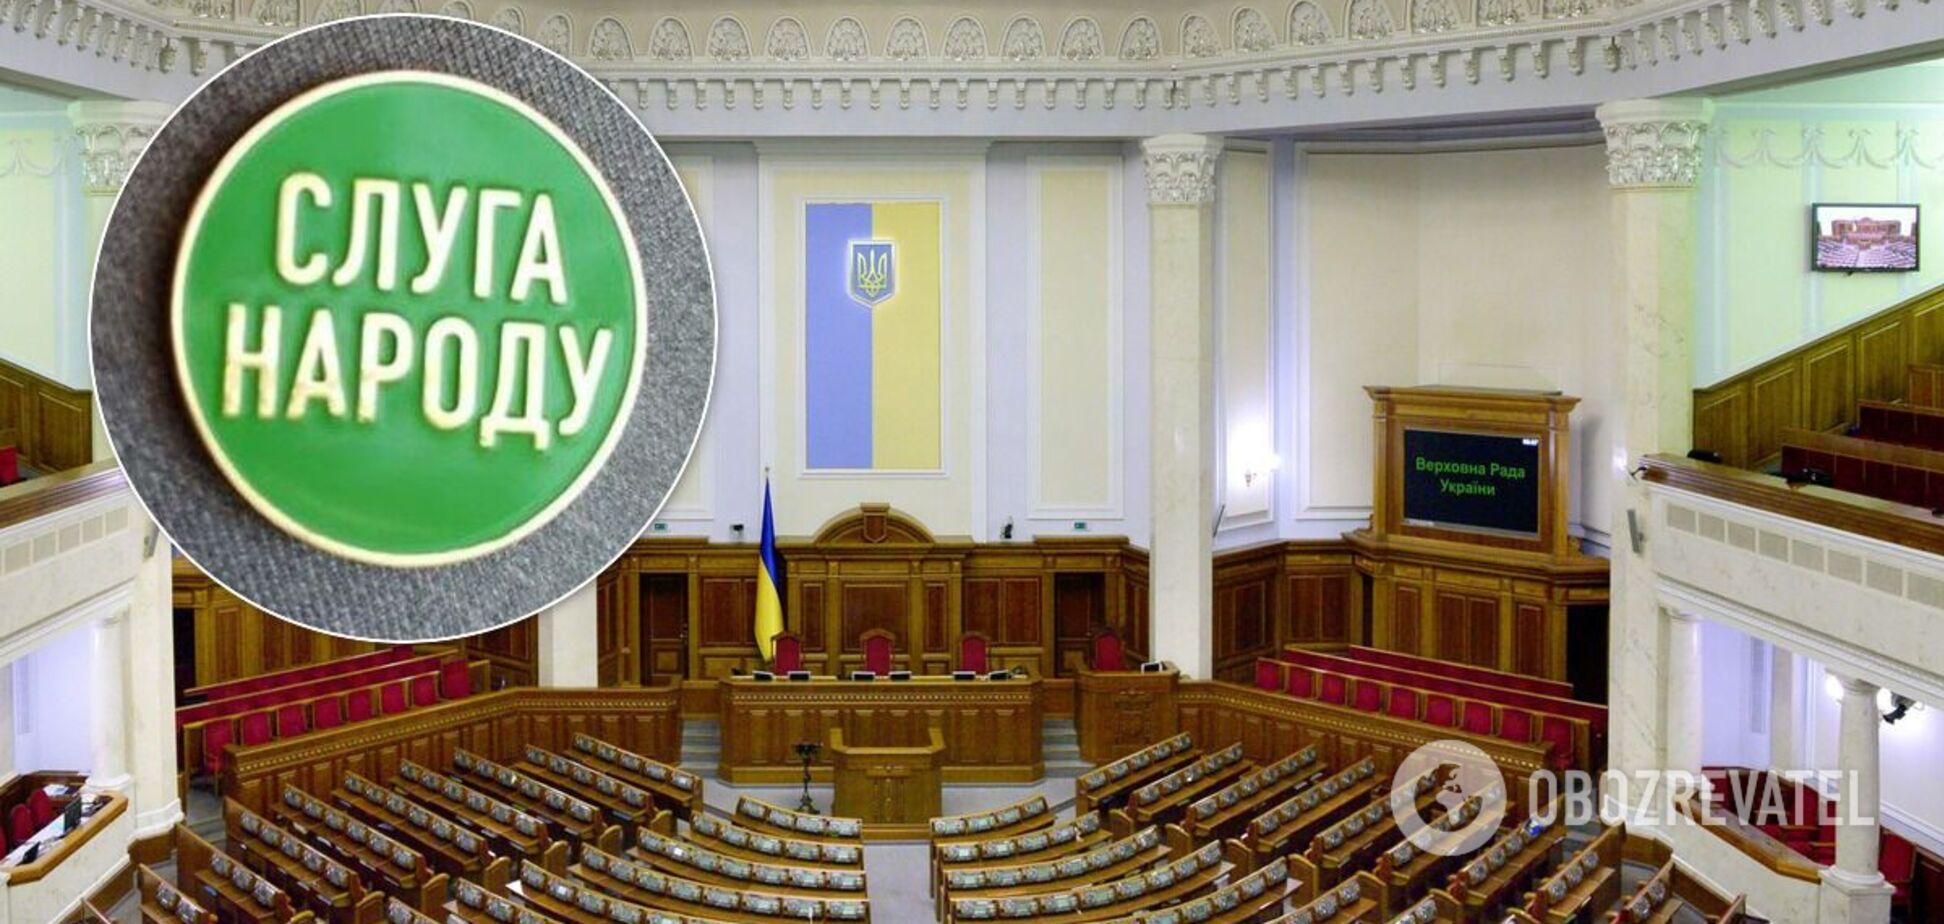 'Слуга народа' лидирует в парламентском рейтинге